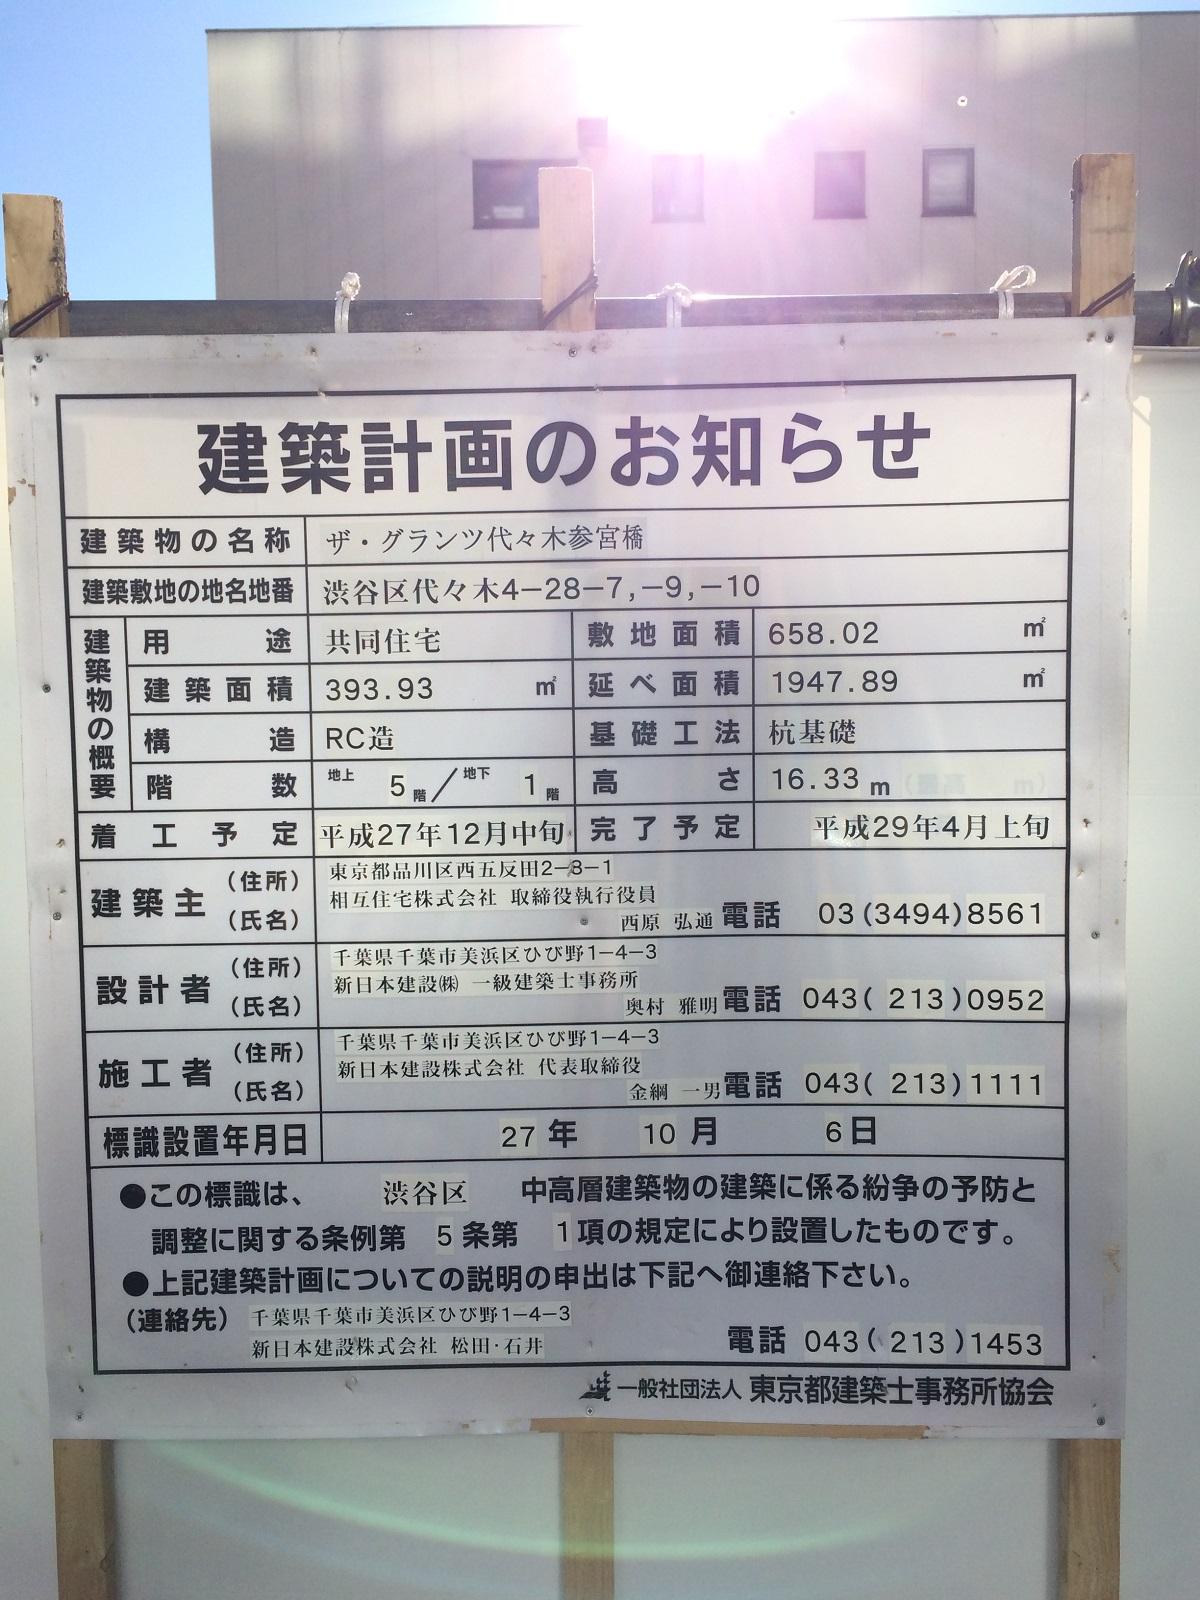 ザ・グランツ代々木参宮橋_建設計画_住所